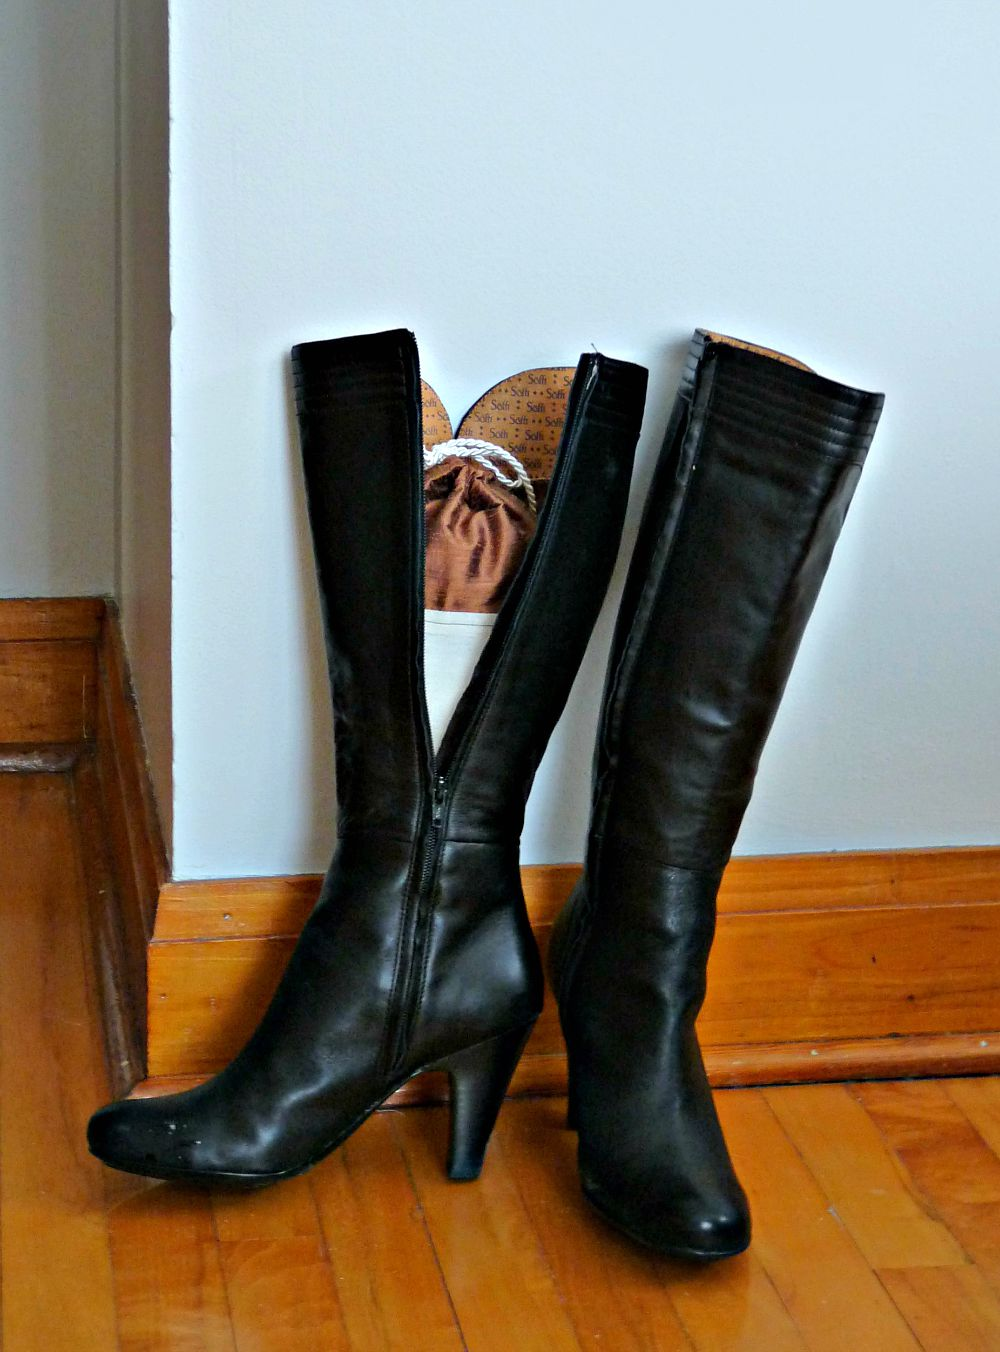 DIY boot stuffer